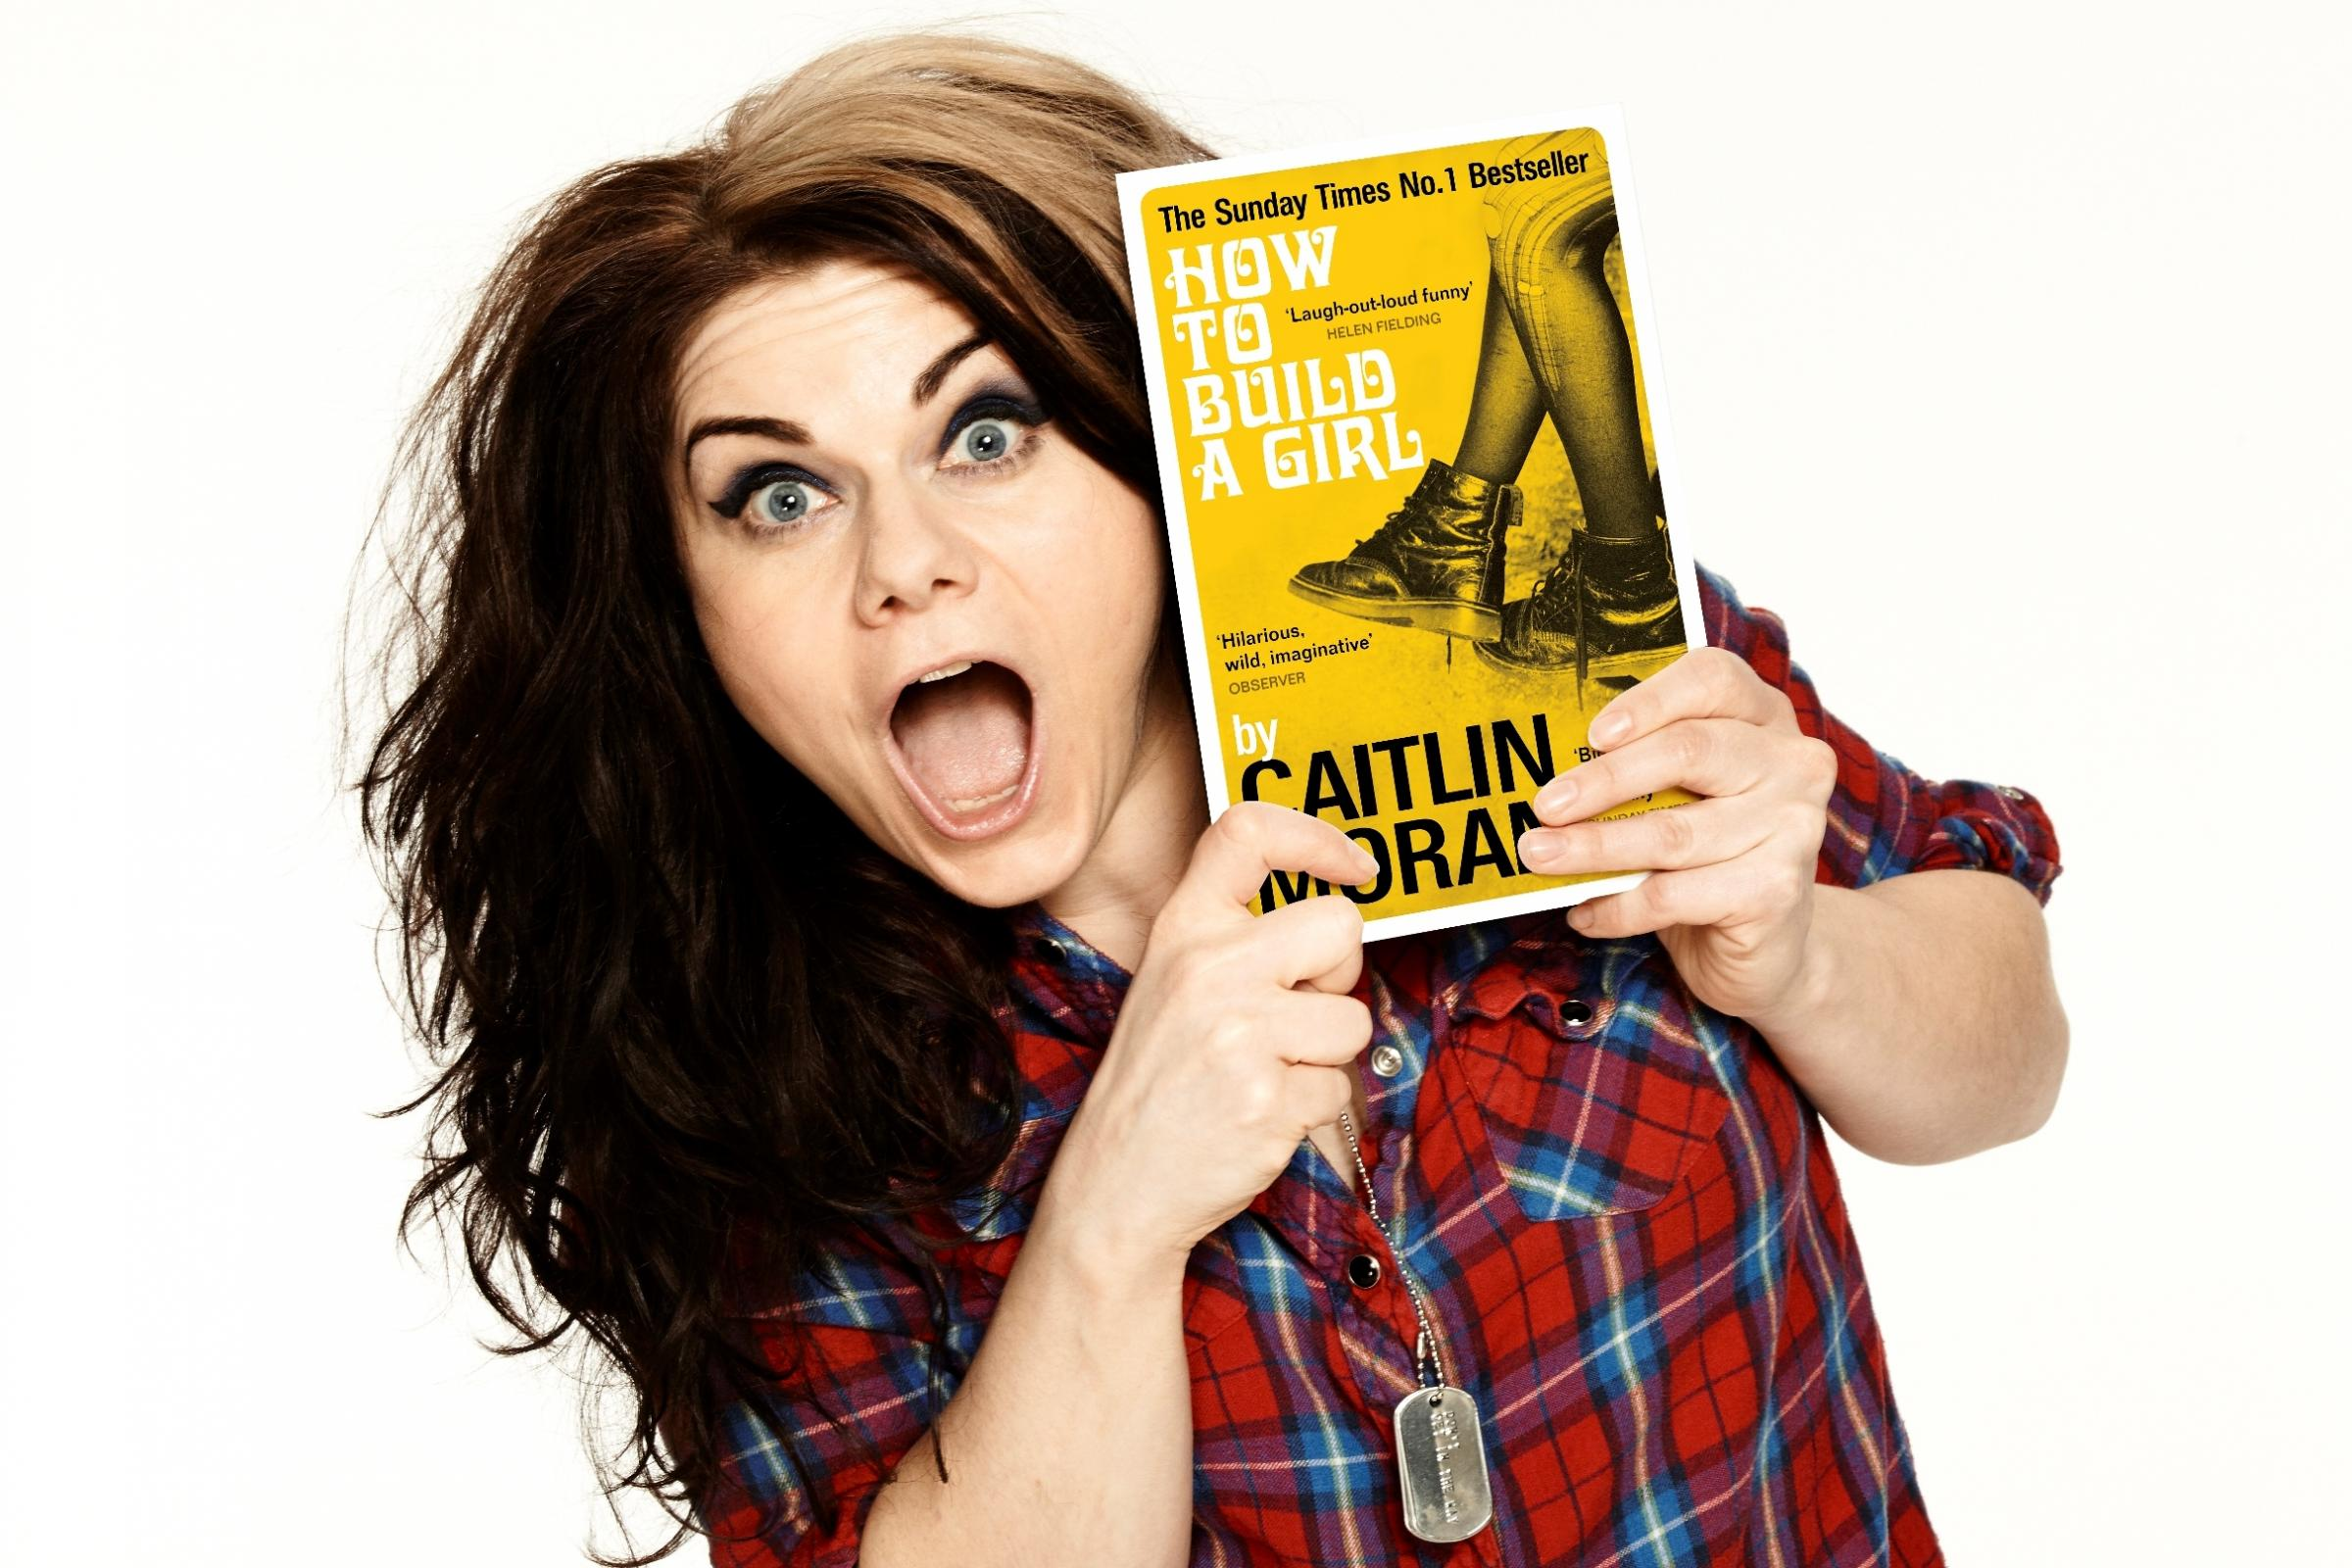 La autora, durante la promoción del libro en Gran Bretaña.  Imagen: barryandistrictnews.co.uk